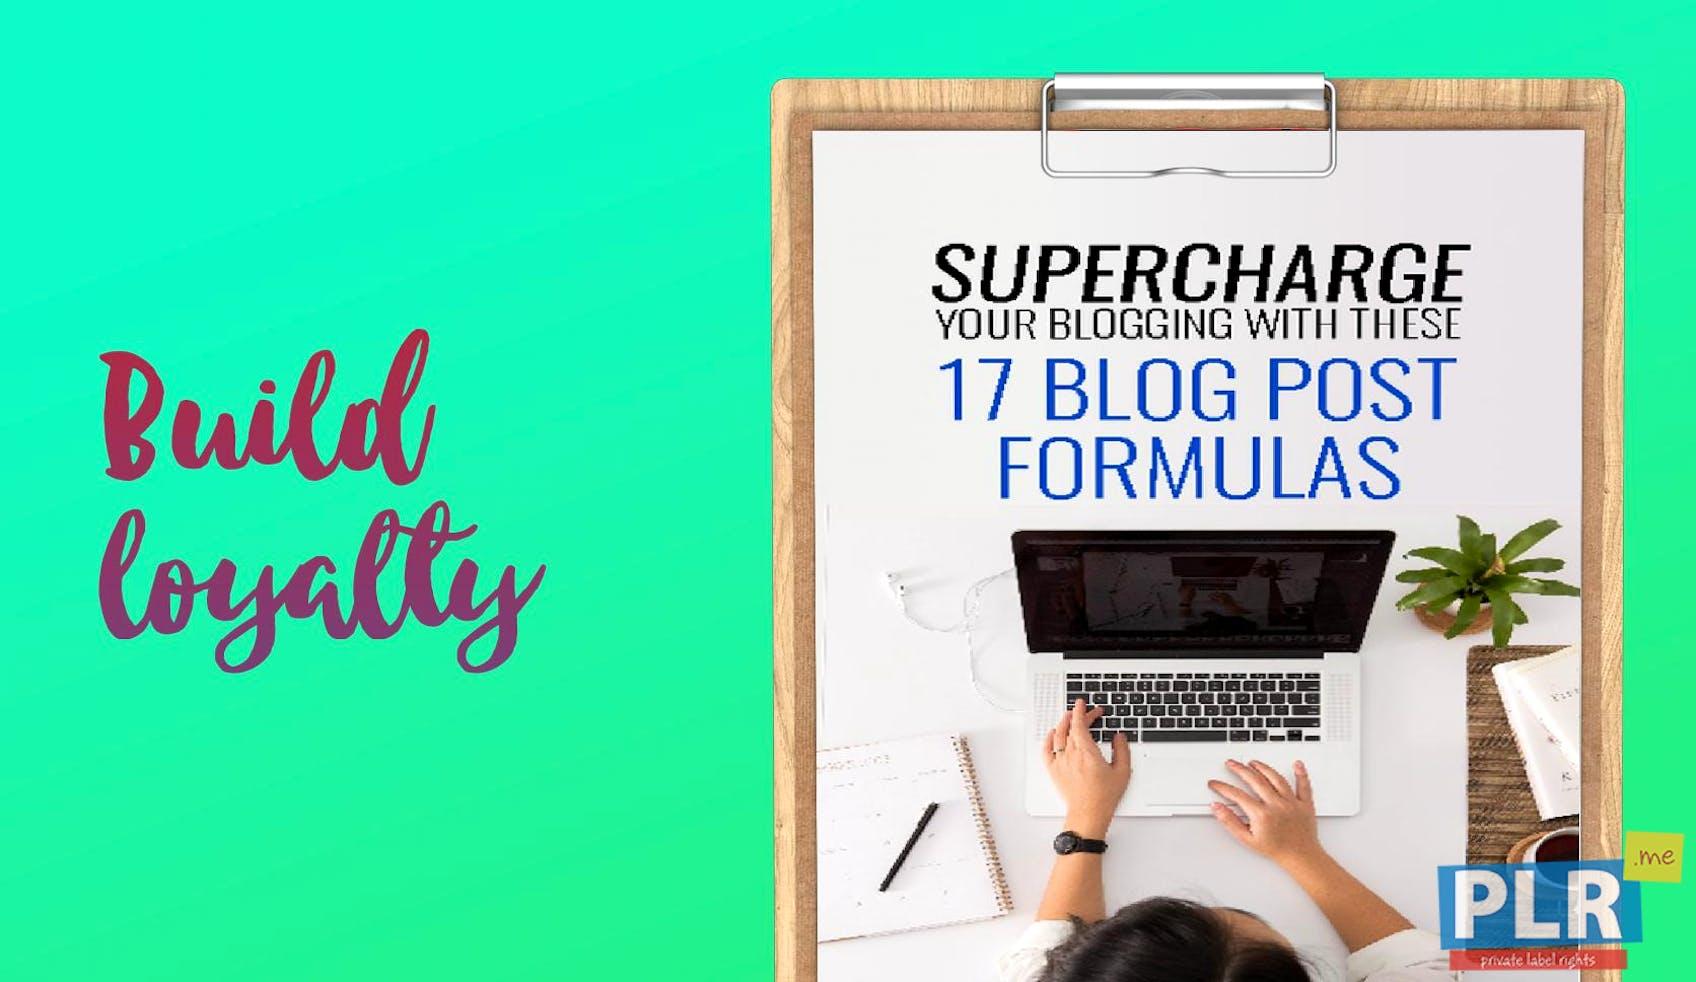 Supercharge Your Blogging - 17 Blog Post Formulas